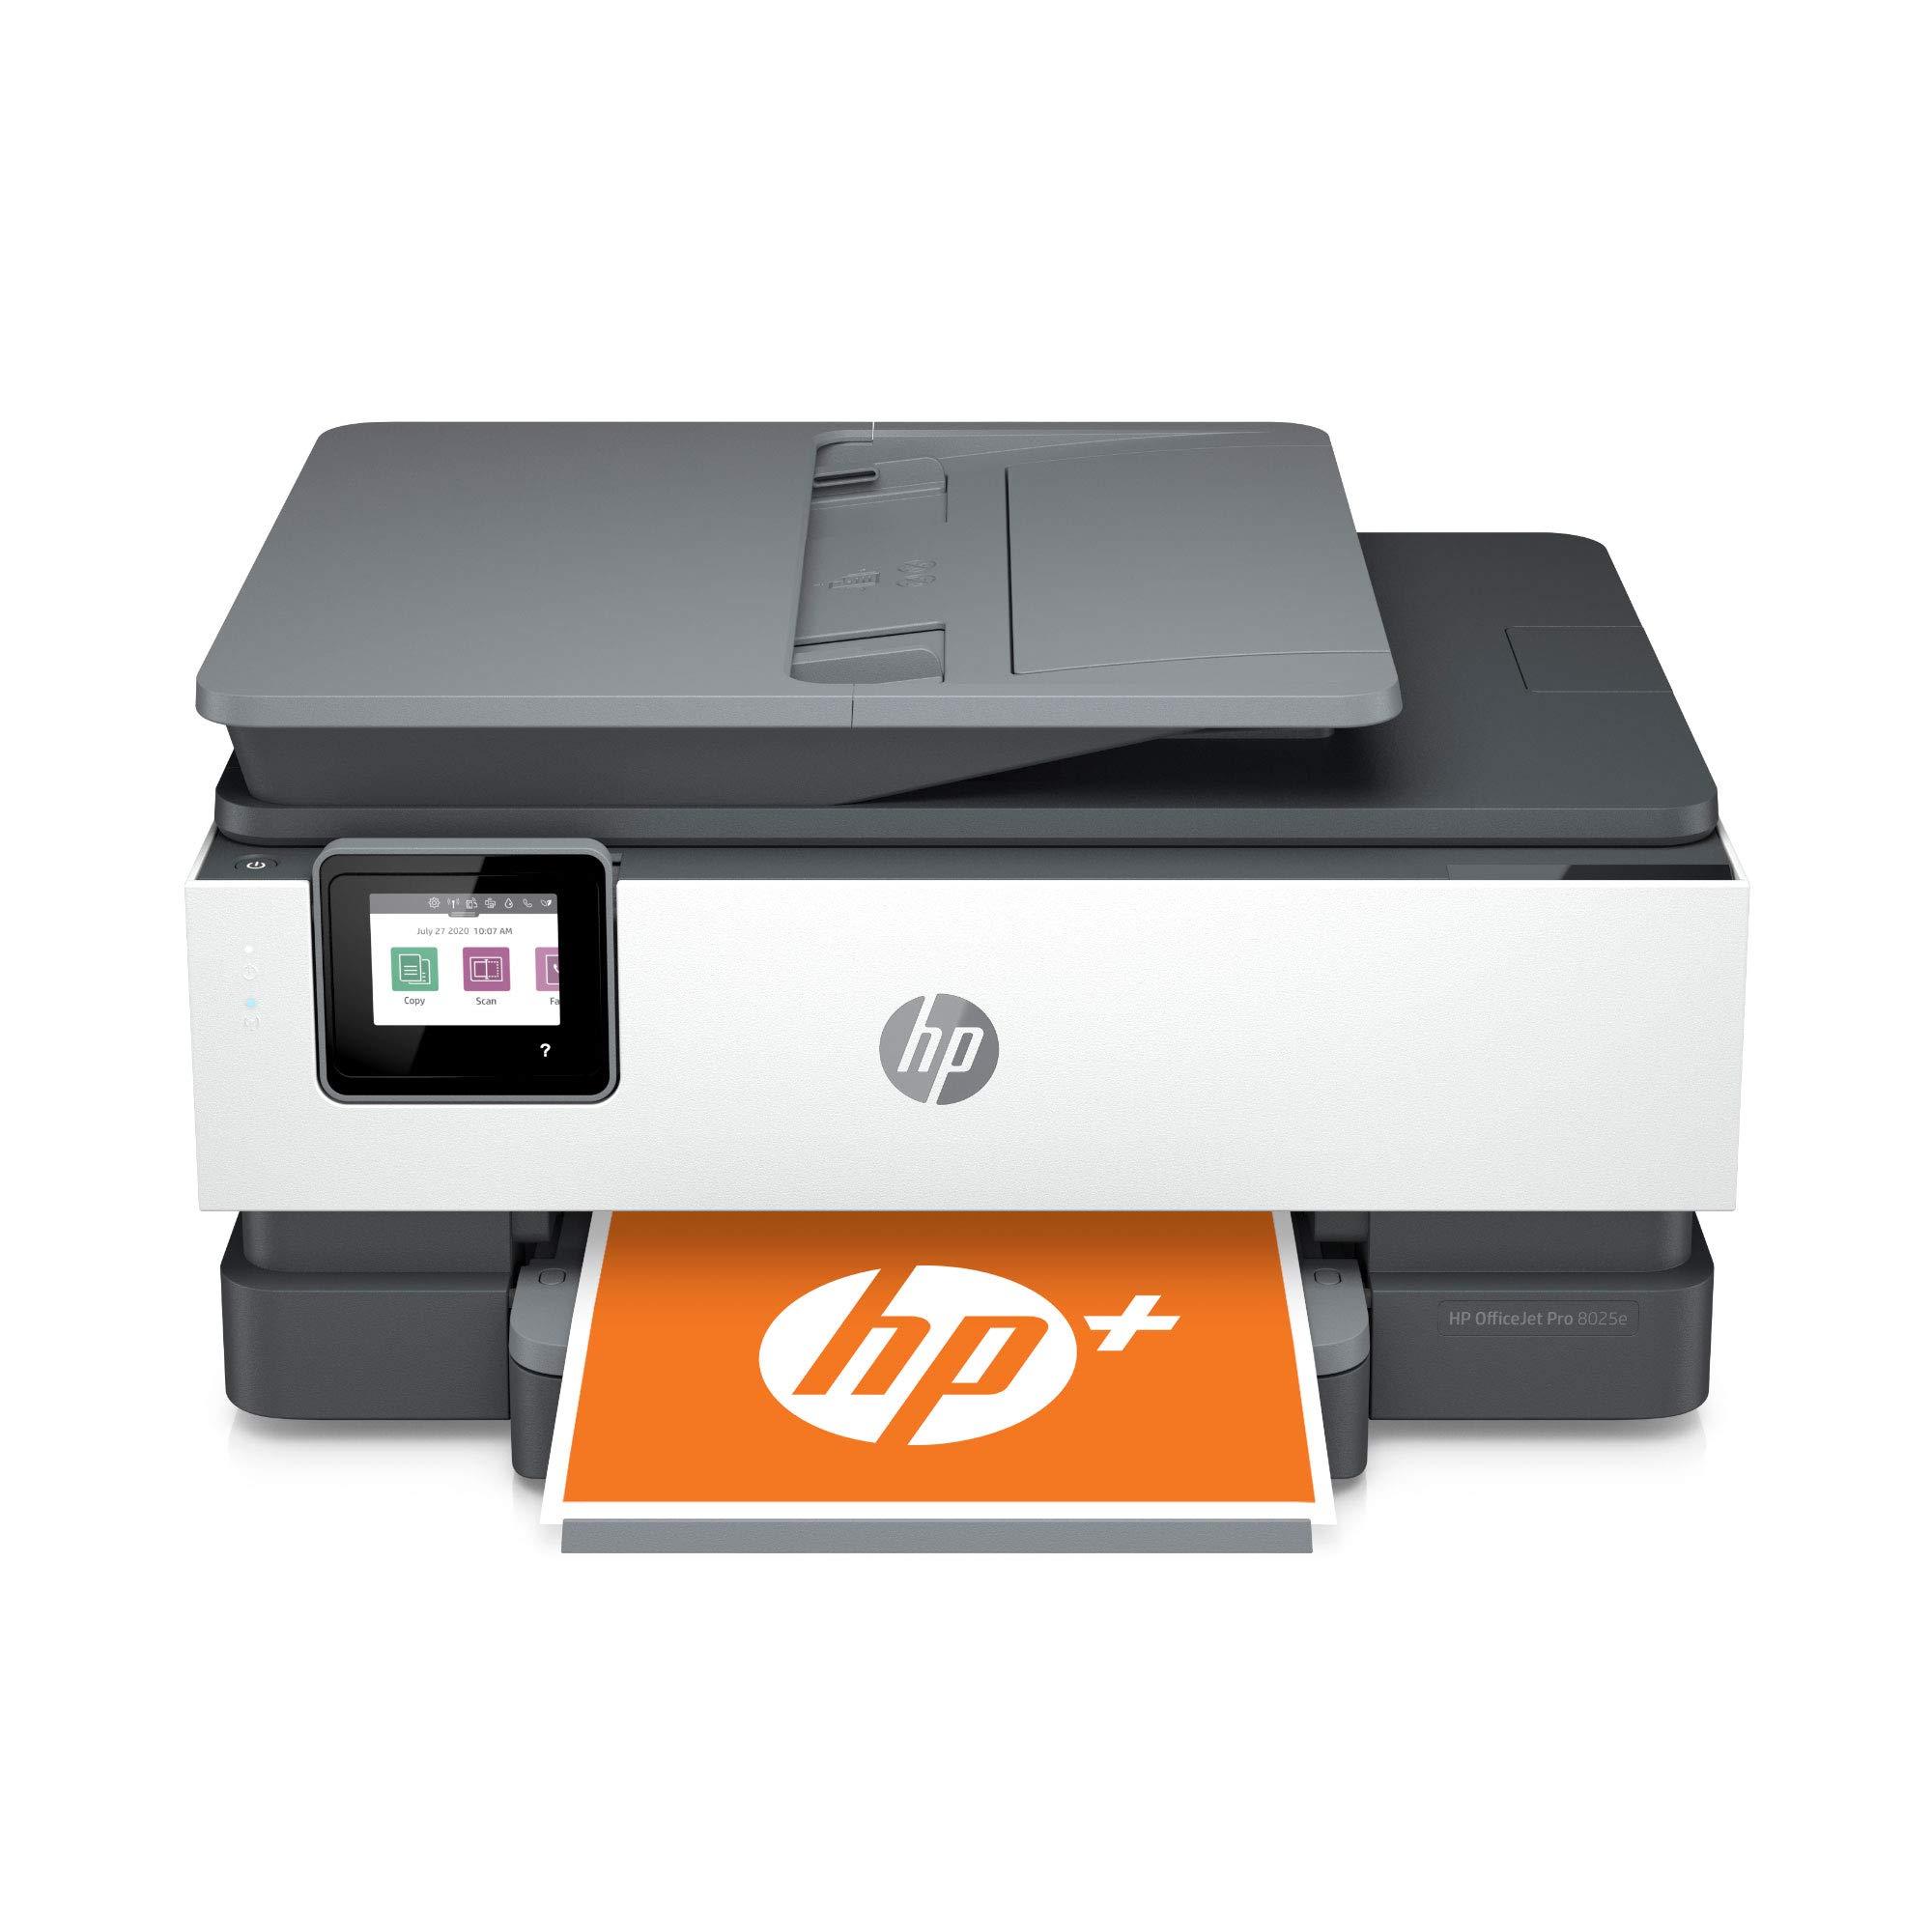 HP OfficeJet Pro 8025e